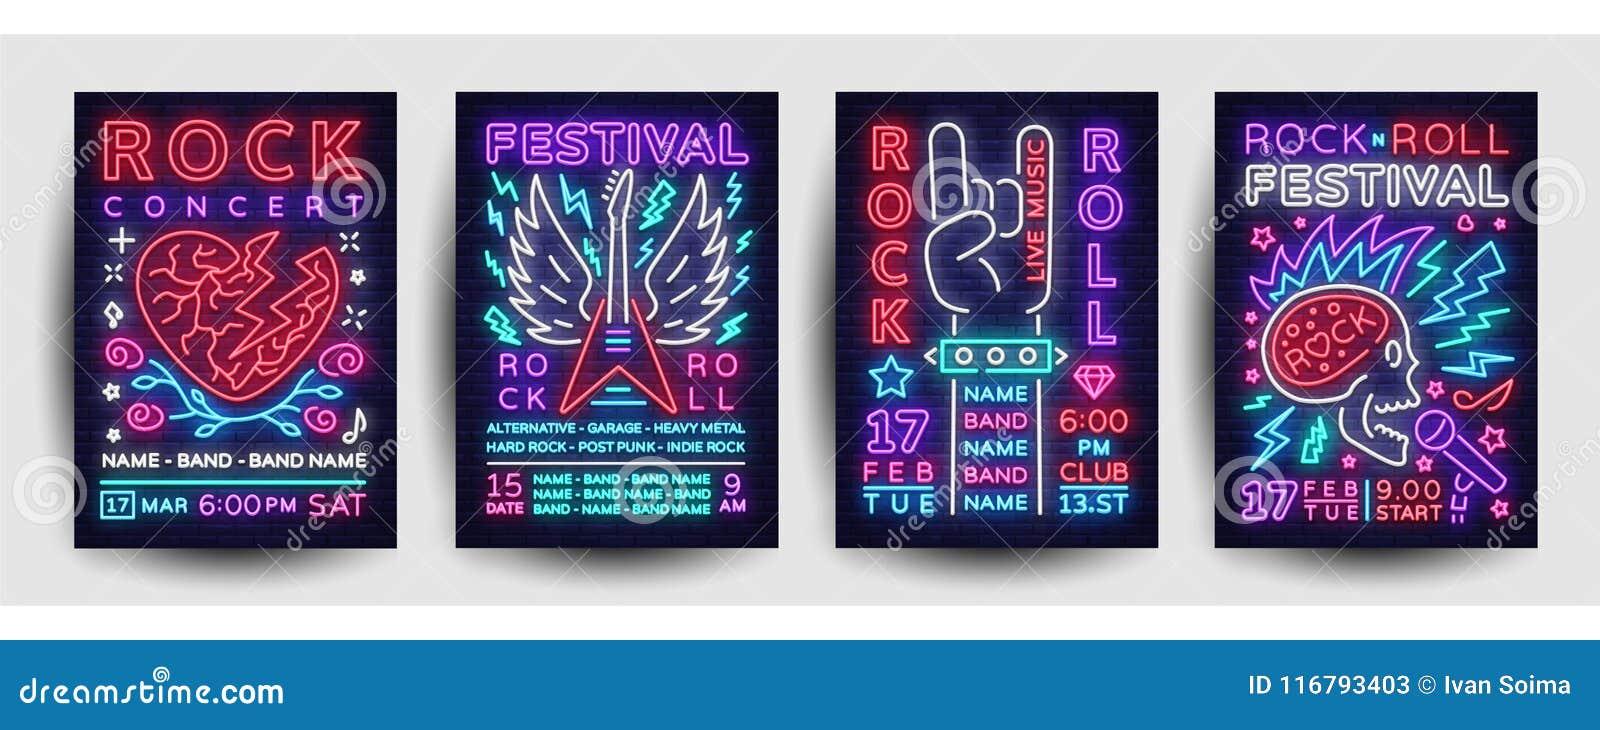 Rockmusikkonzertplakat-Sammlungsvektor Design-Schablonen-Rockmusik-Festival-Flieger stellten, Neonart, Neonfahne ein